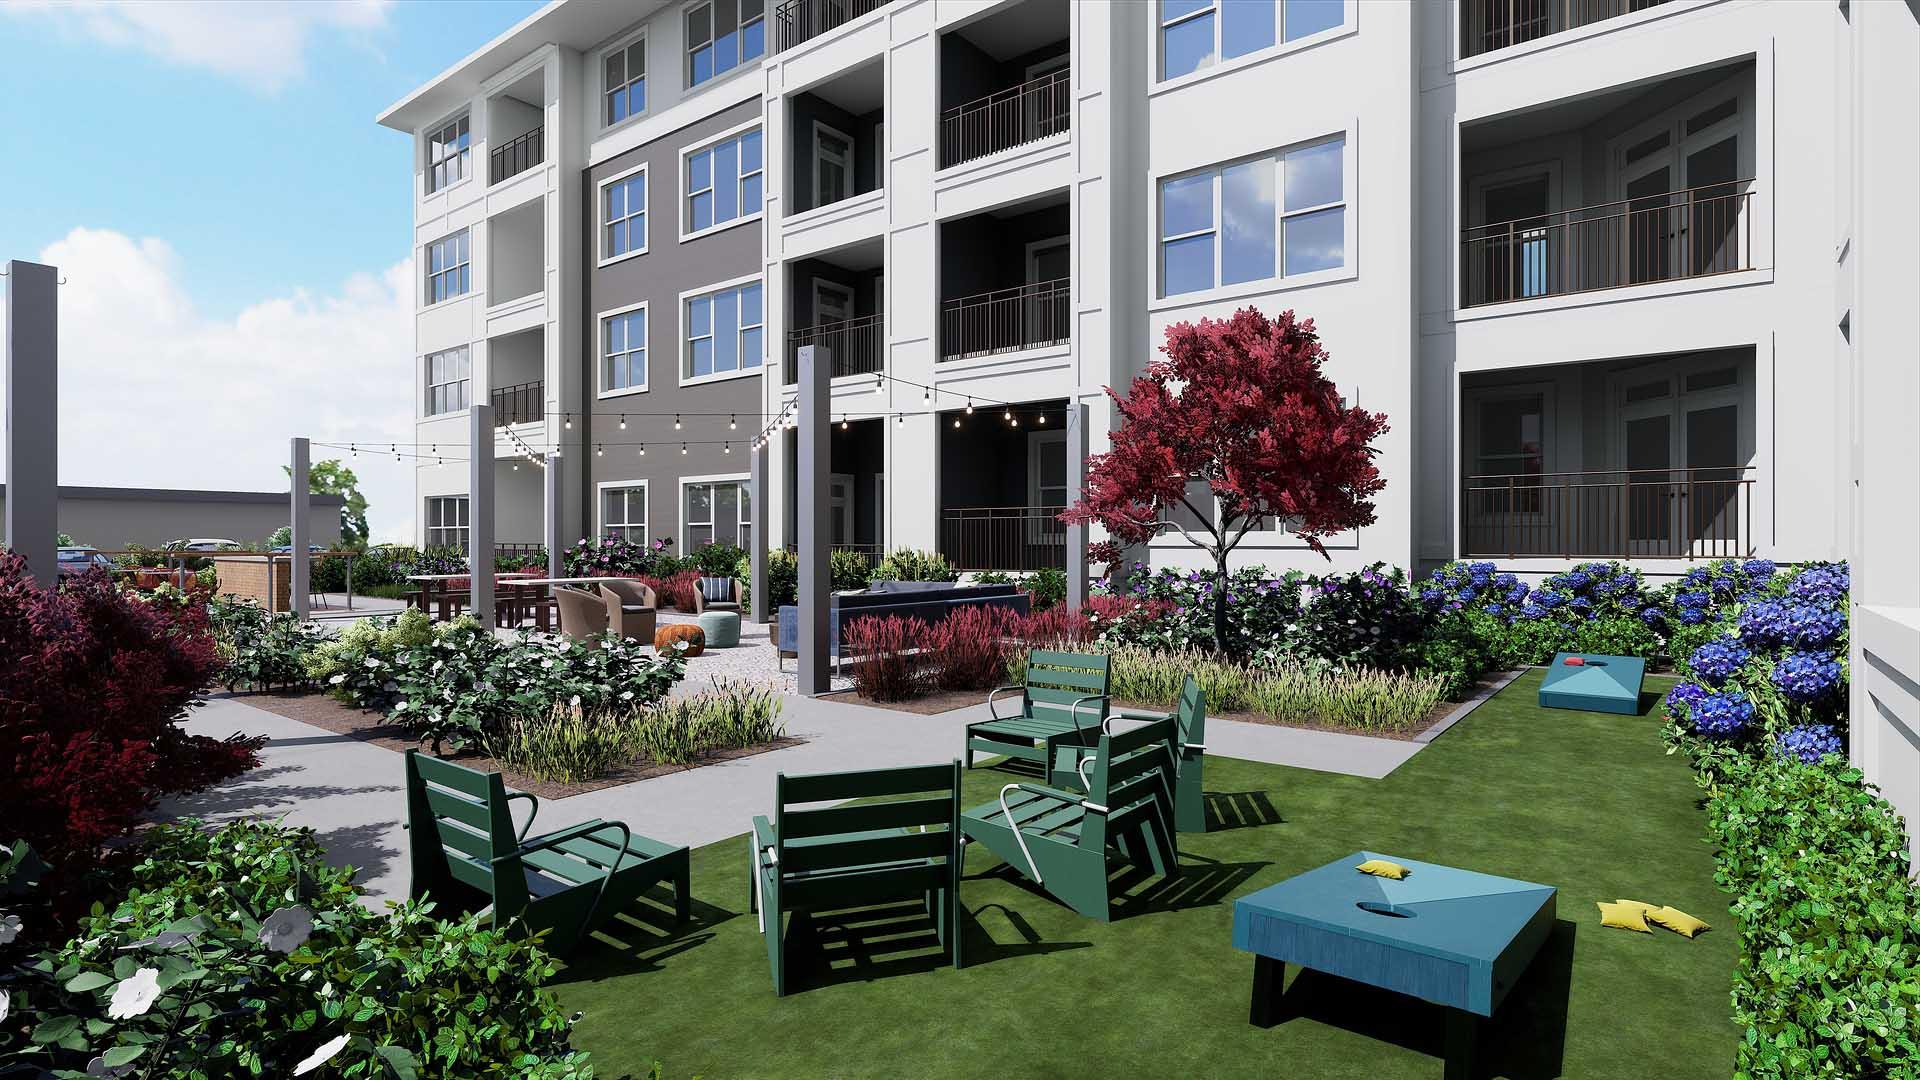 A rendering of an outdoor biergarten